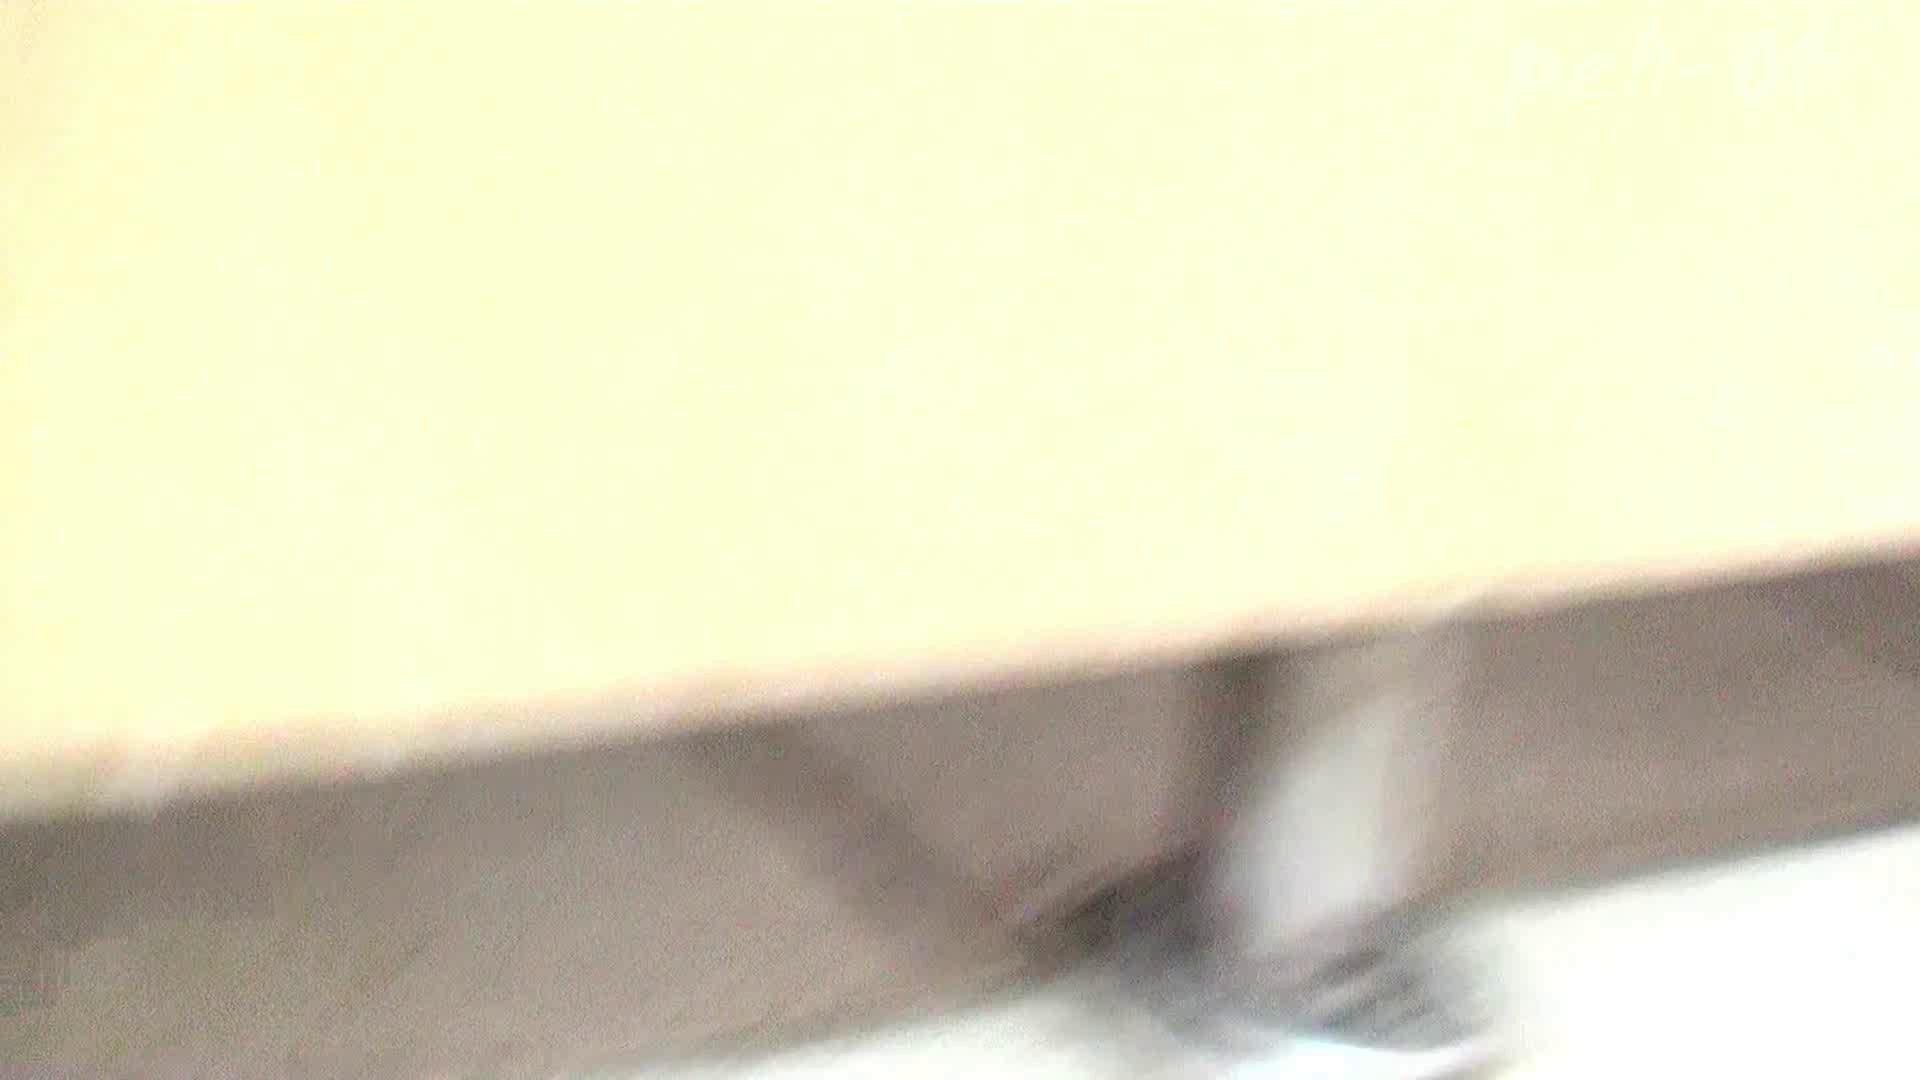 ※100個限定販売 至高下半身盗撮 プレミアム Vol.1 ハイビジョン 洗面所 われめAV動画紹介 52画像 26